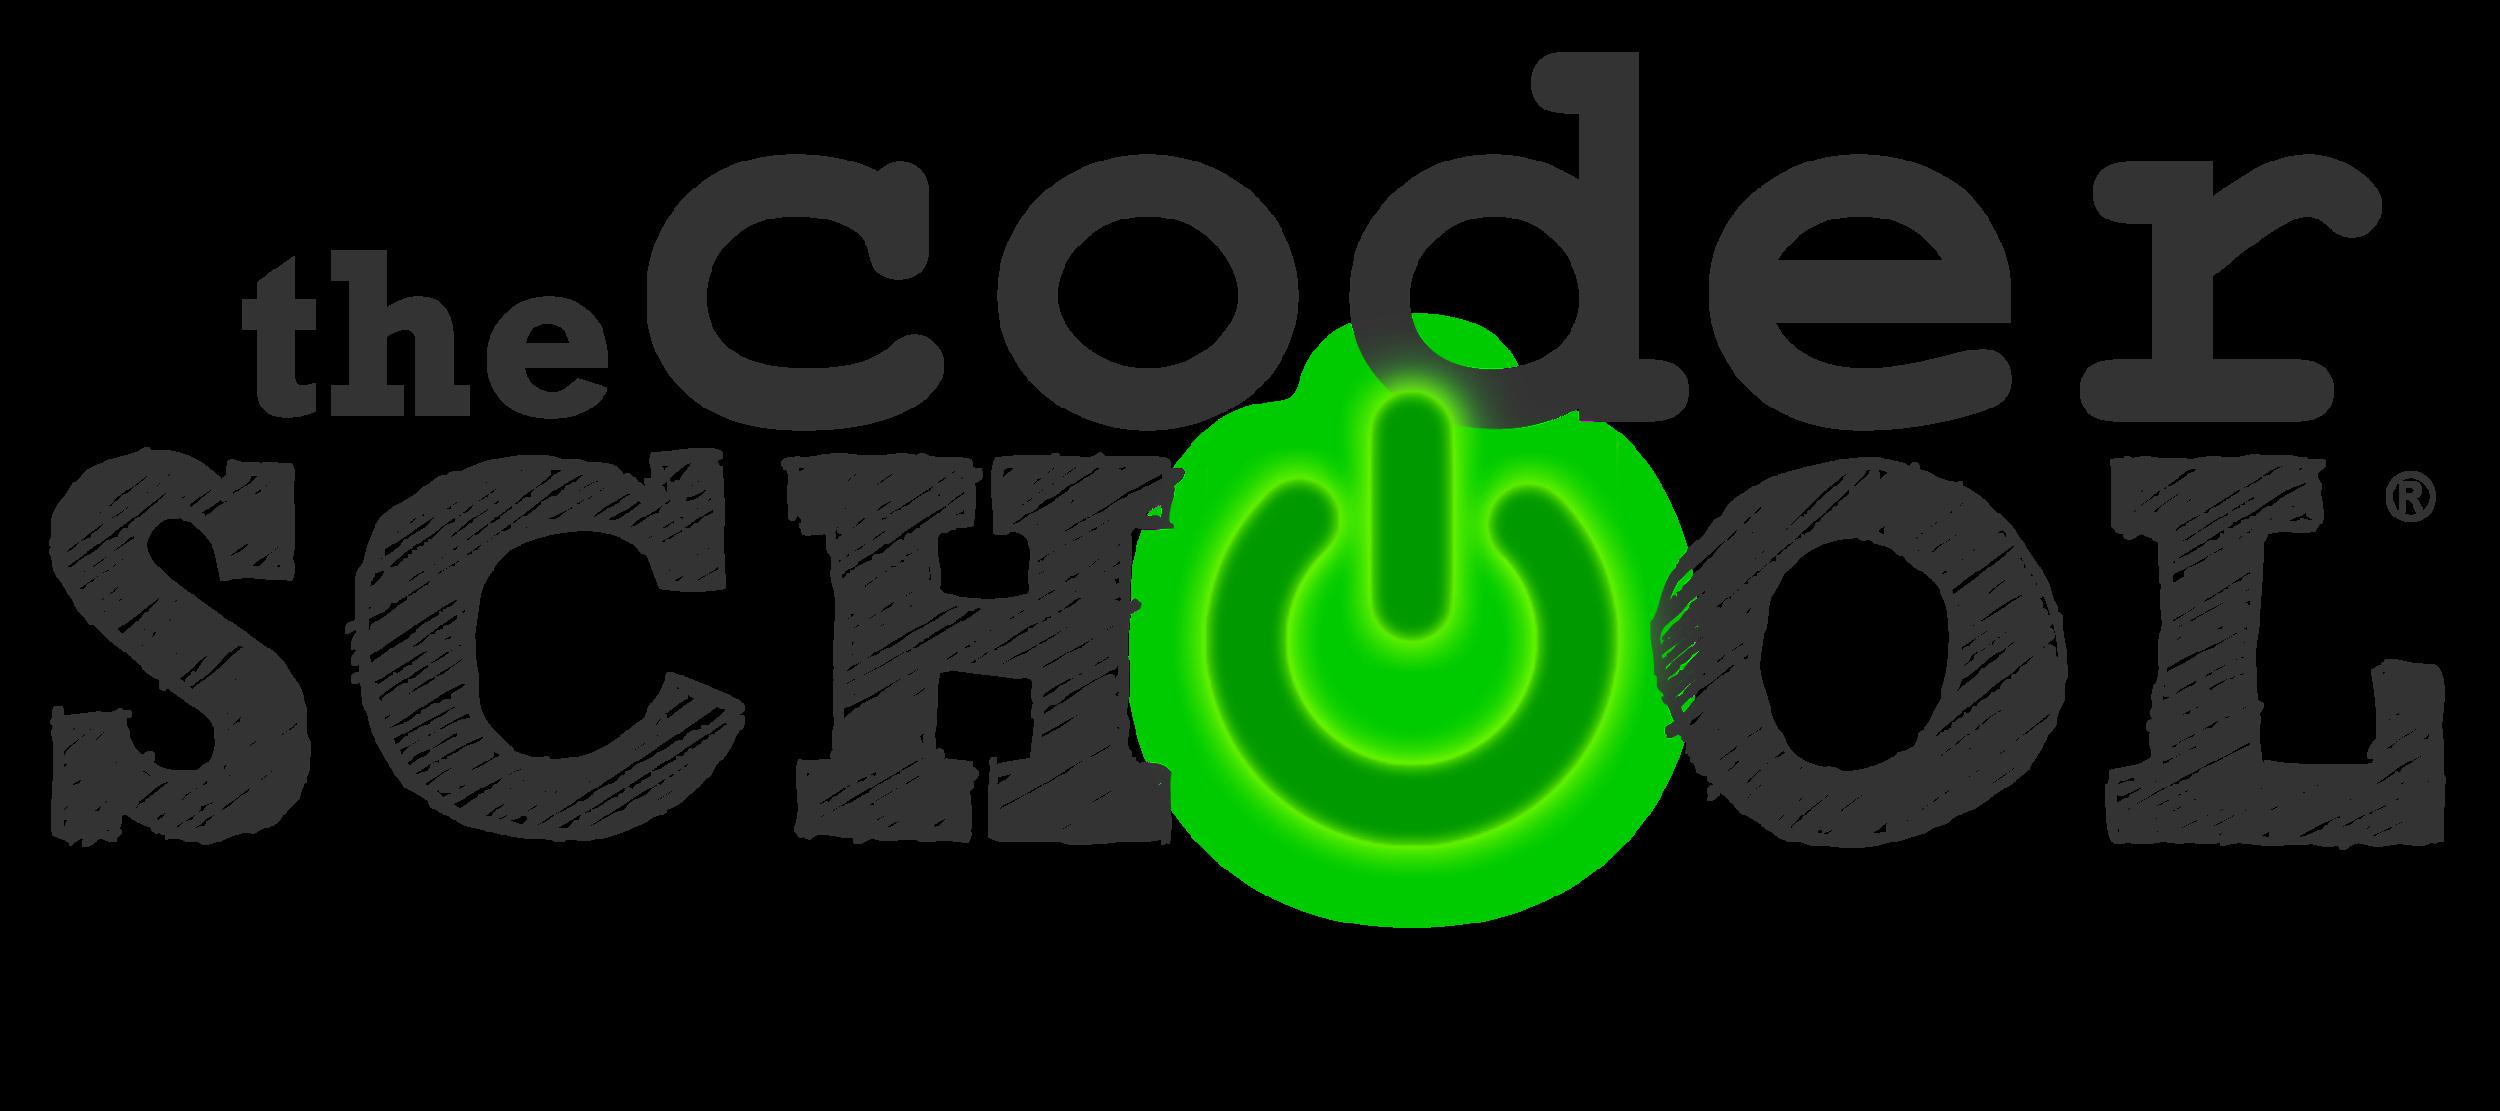 codereschool.png